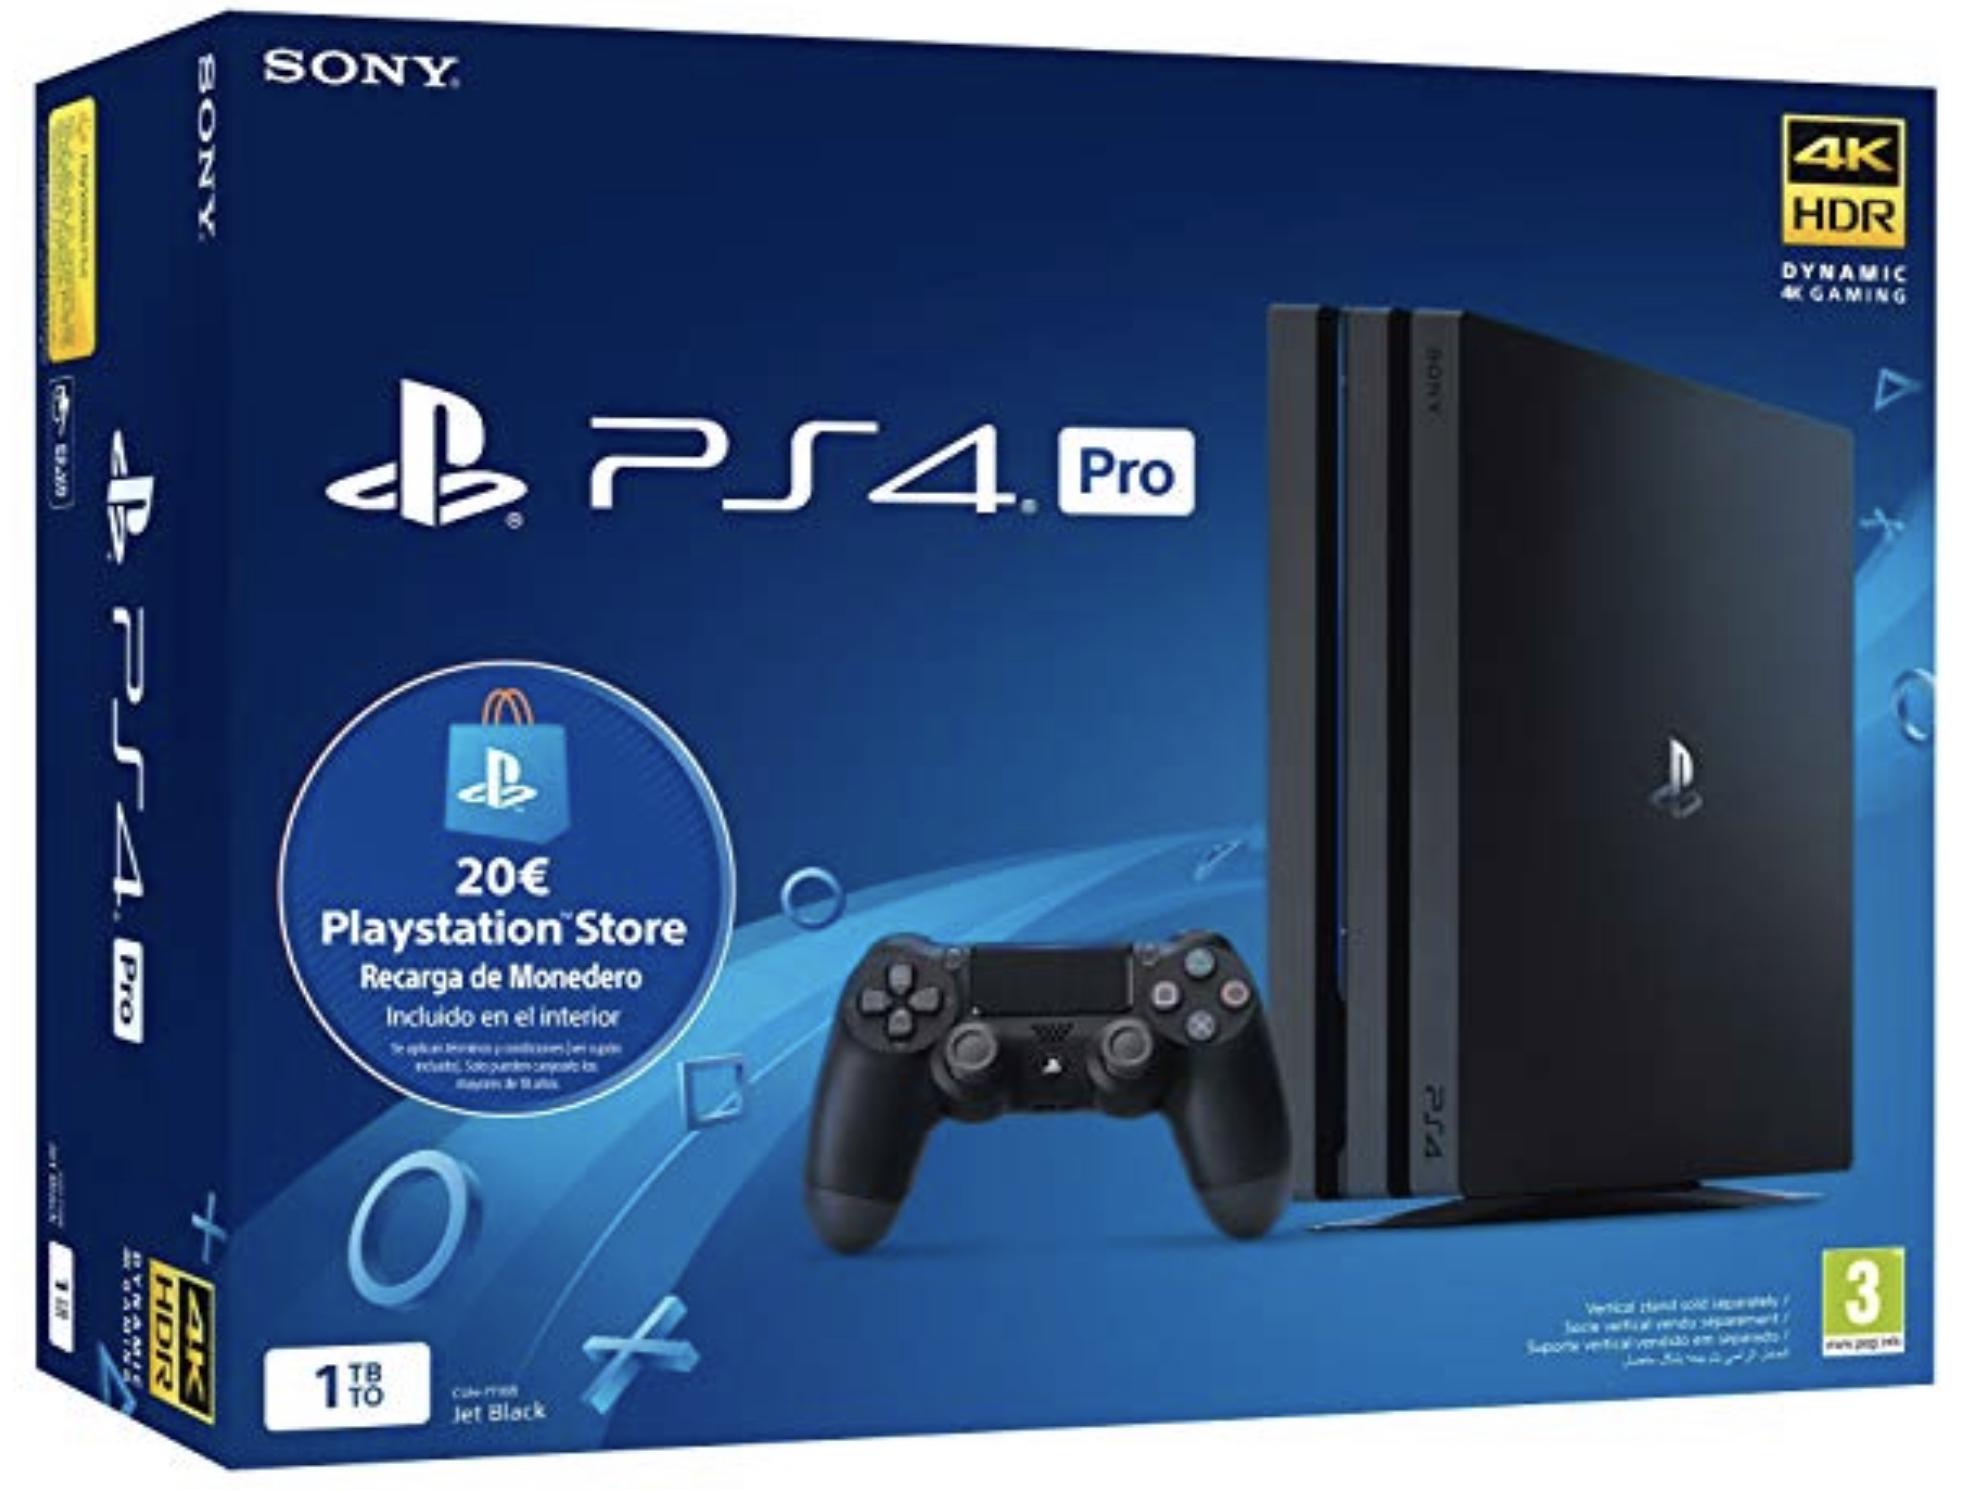 Sony Playstation 4 Pro + 20€ Playstation Store Guthaben für 318,43€ inkl. Versandkosten - Prime Day Amazon ES